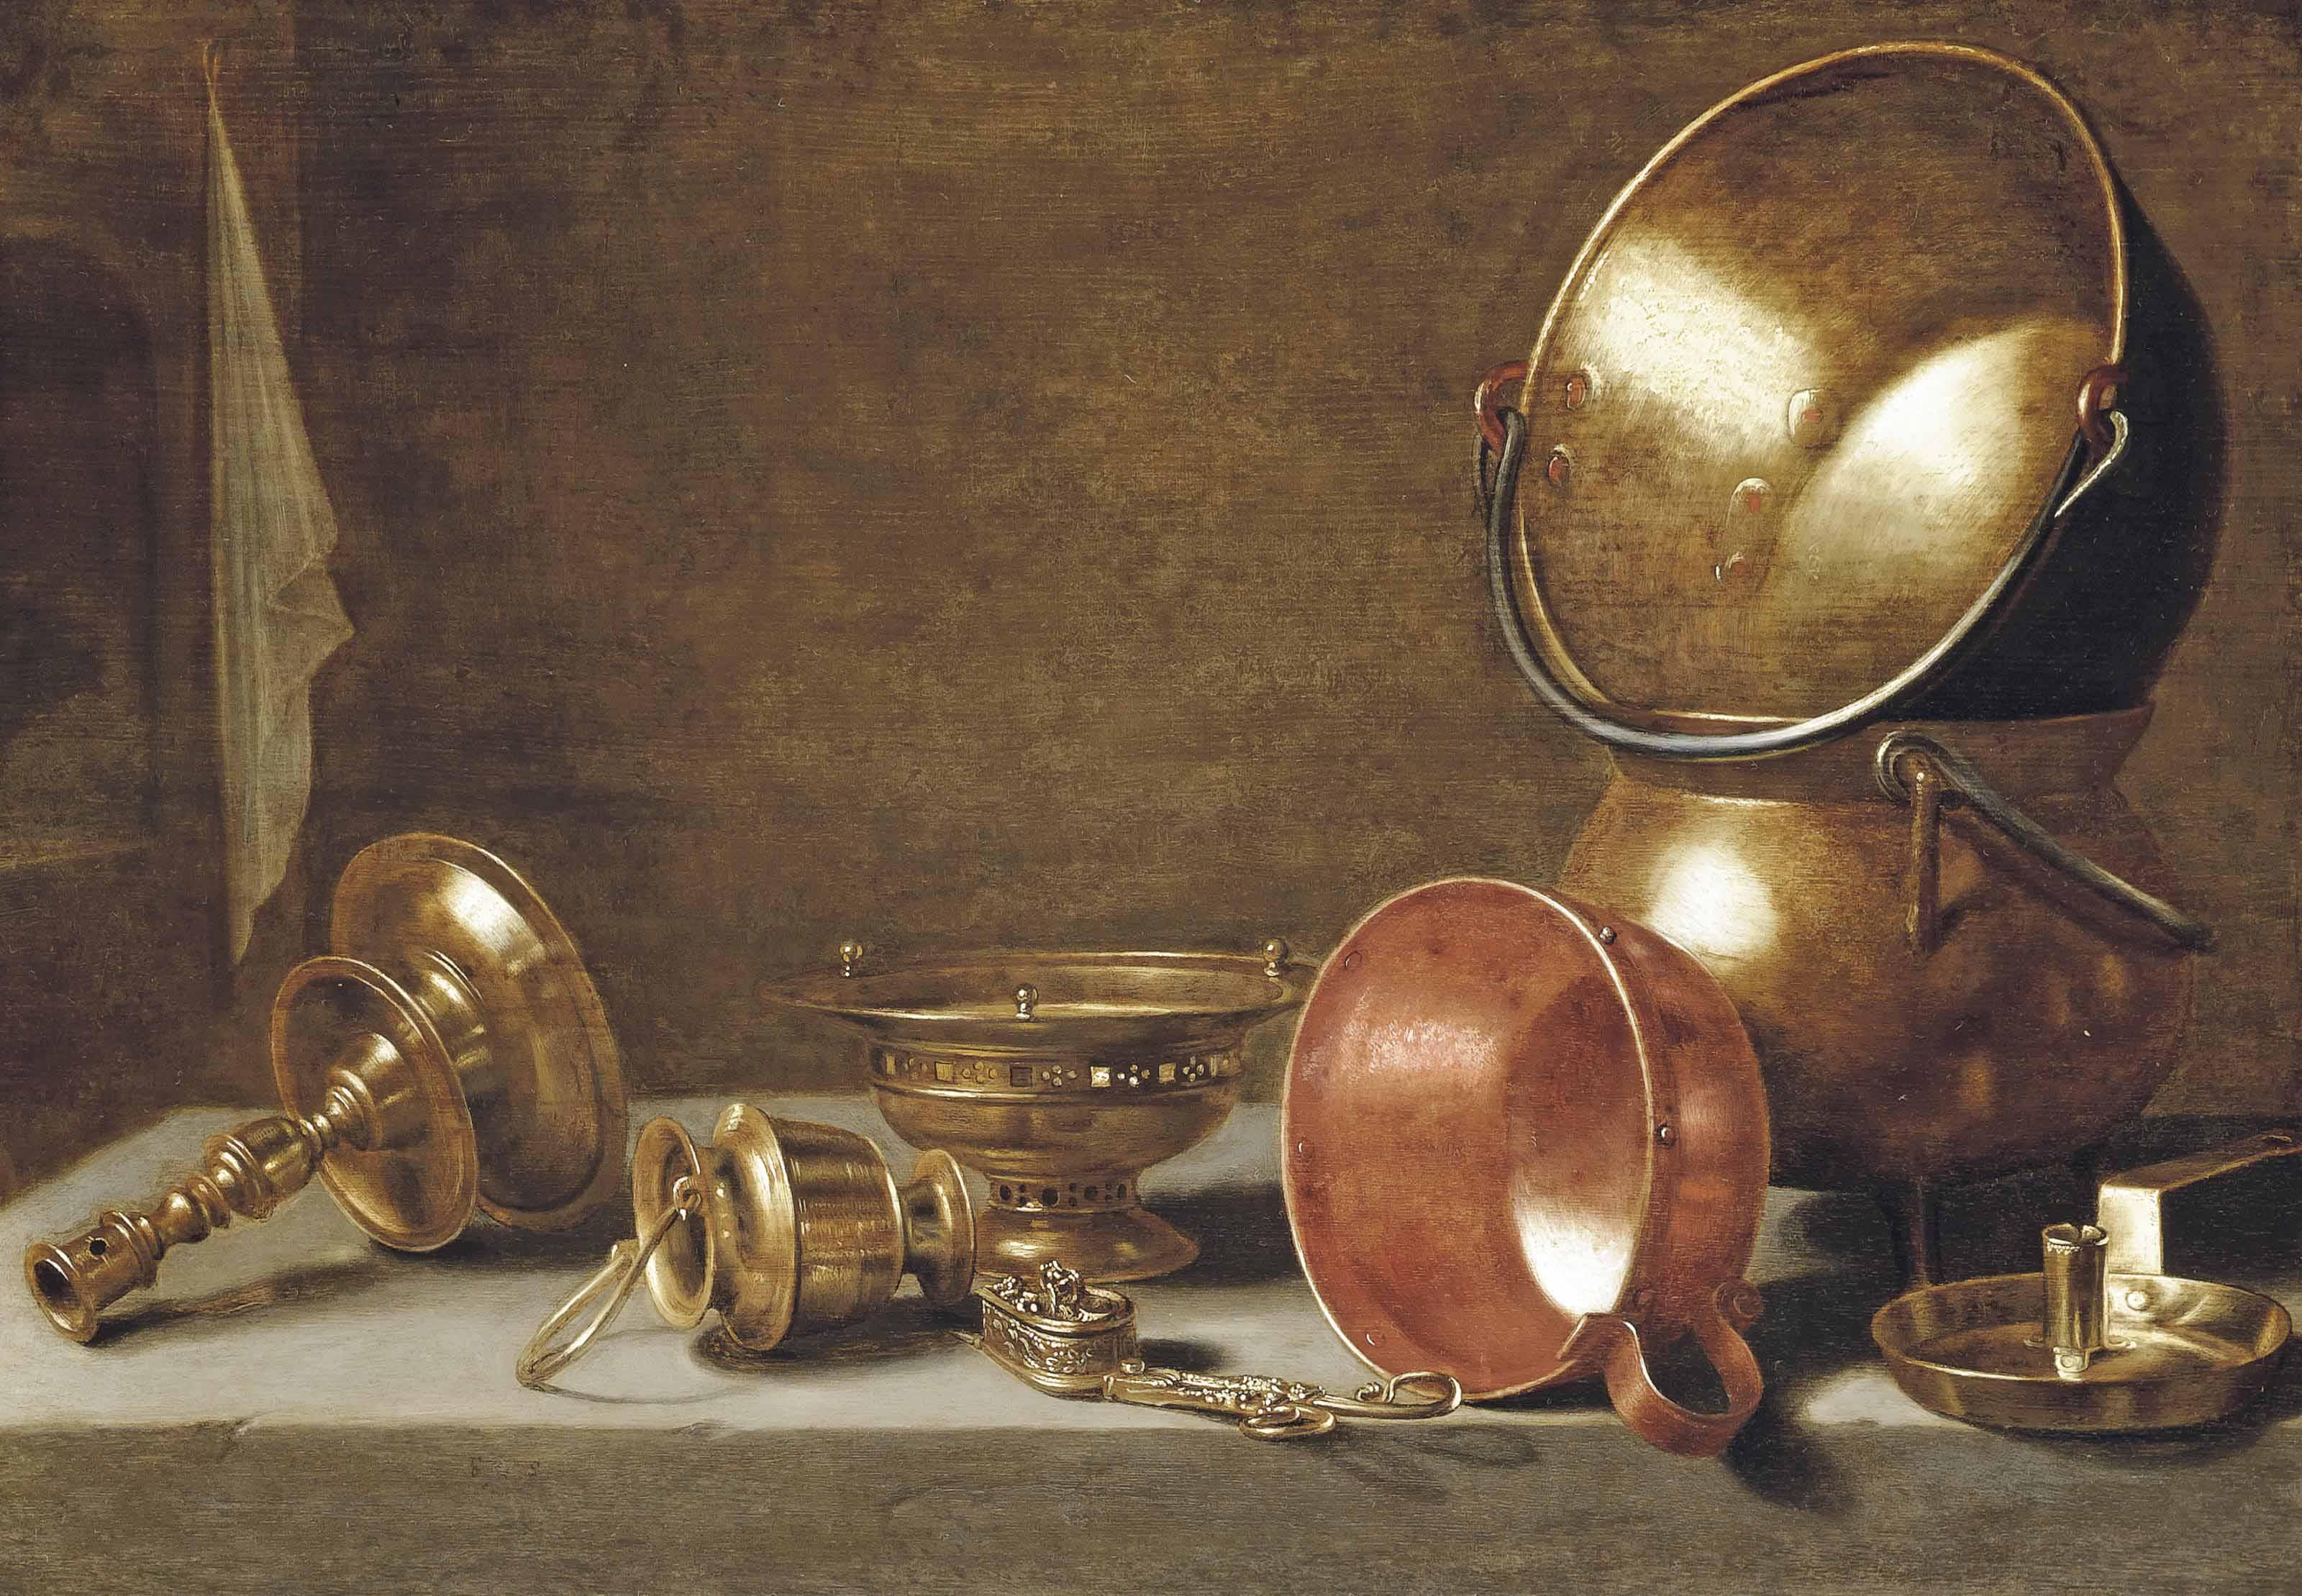 https://www.christies.com/img/LotImages/2014/CSK/2014_CSK_05660_0052_000(floris_van_schooten_copper_pots_and_pans_an_overturned_candlestick_hol).jpg